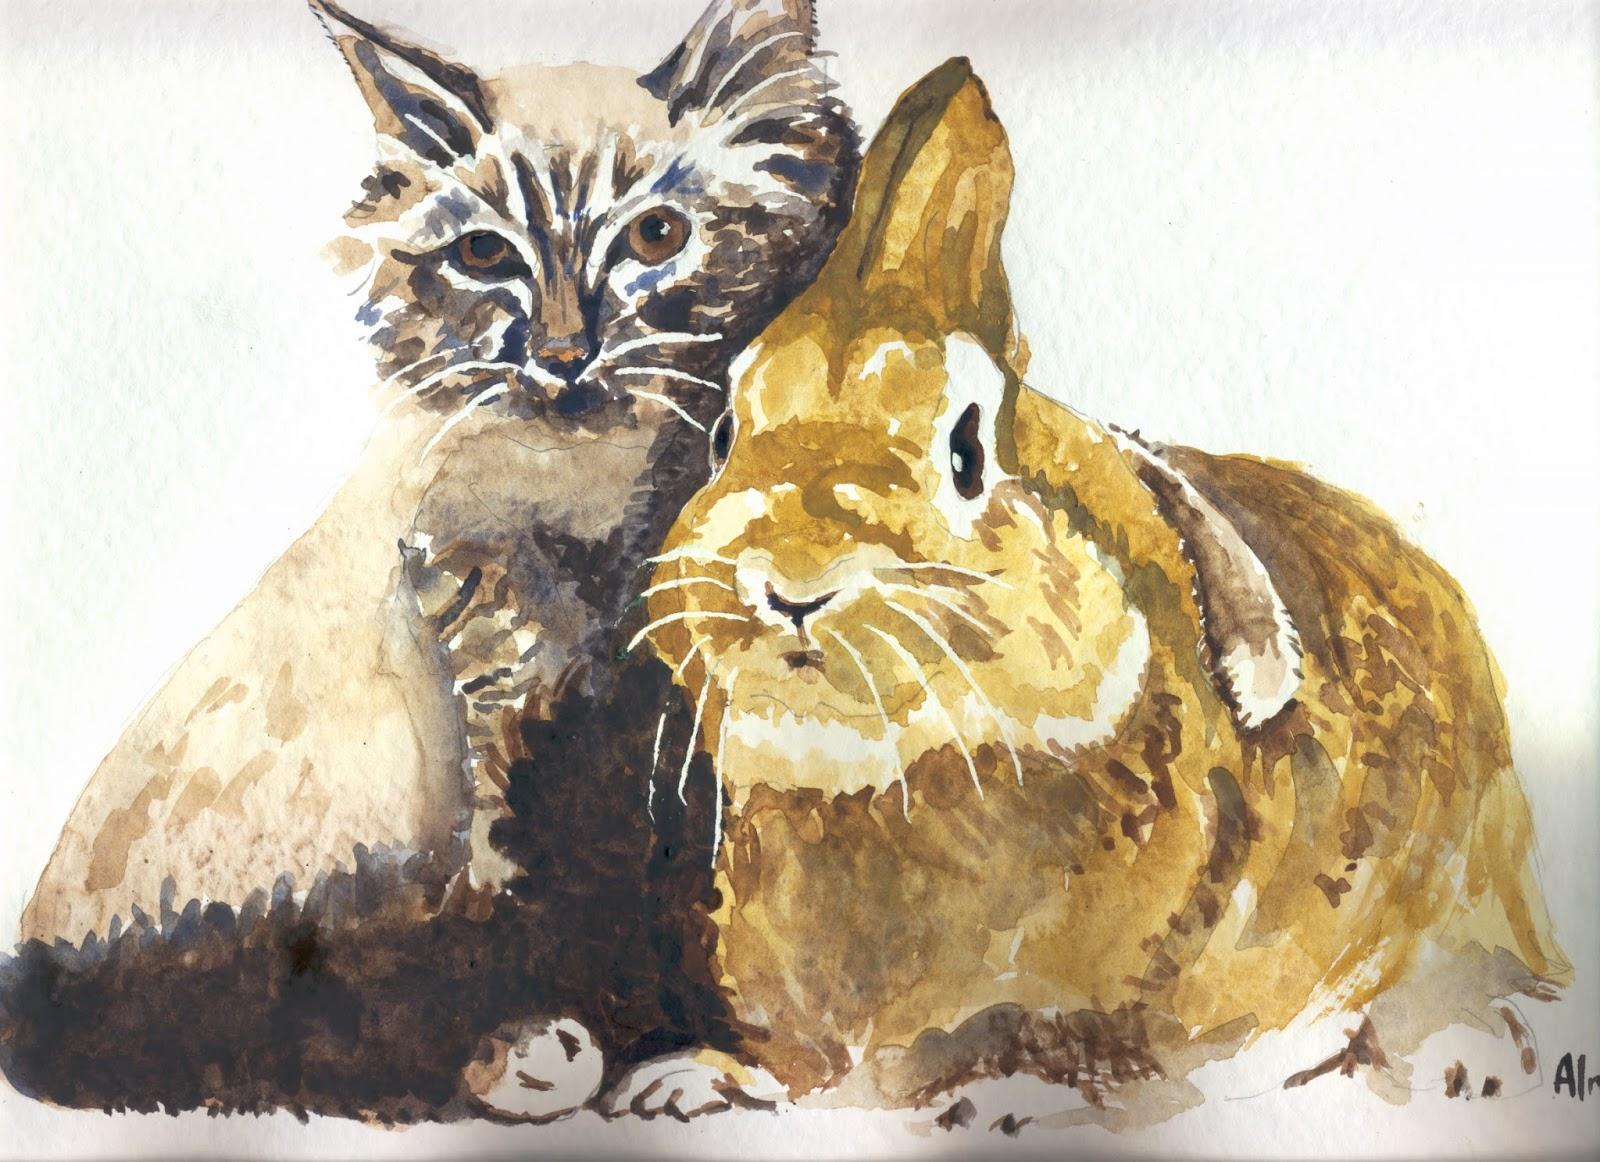 Plumes rimes le chat et le lapin - 4 images 1 mot poussin lapin ...